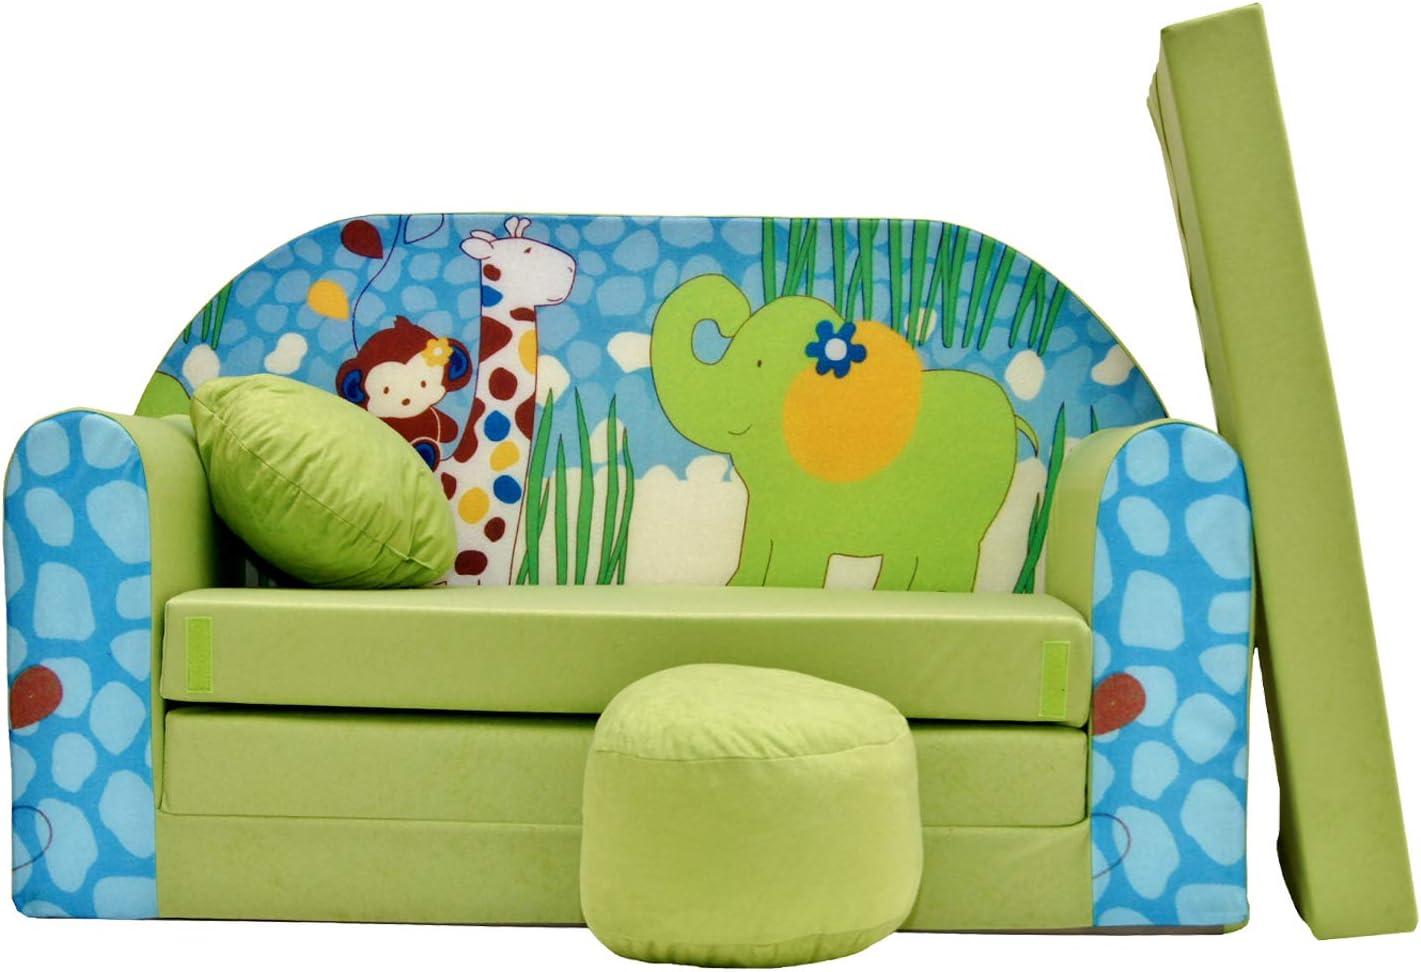 Sofá cama desplegable, sofá cama Mini couch 3-in-1 conjunto de bebé + sillón para niños y cojín del asiento + colchón